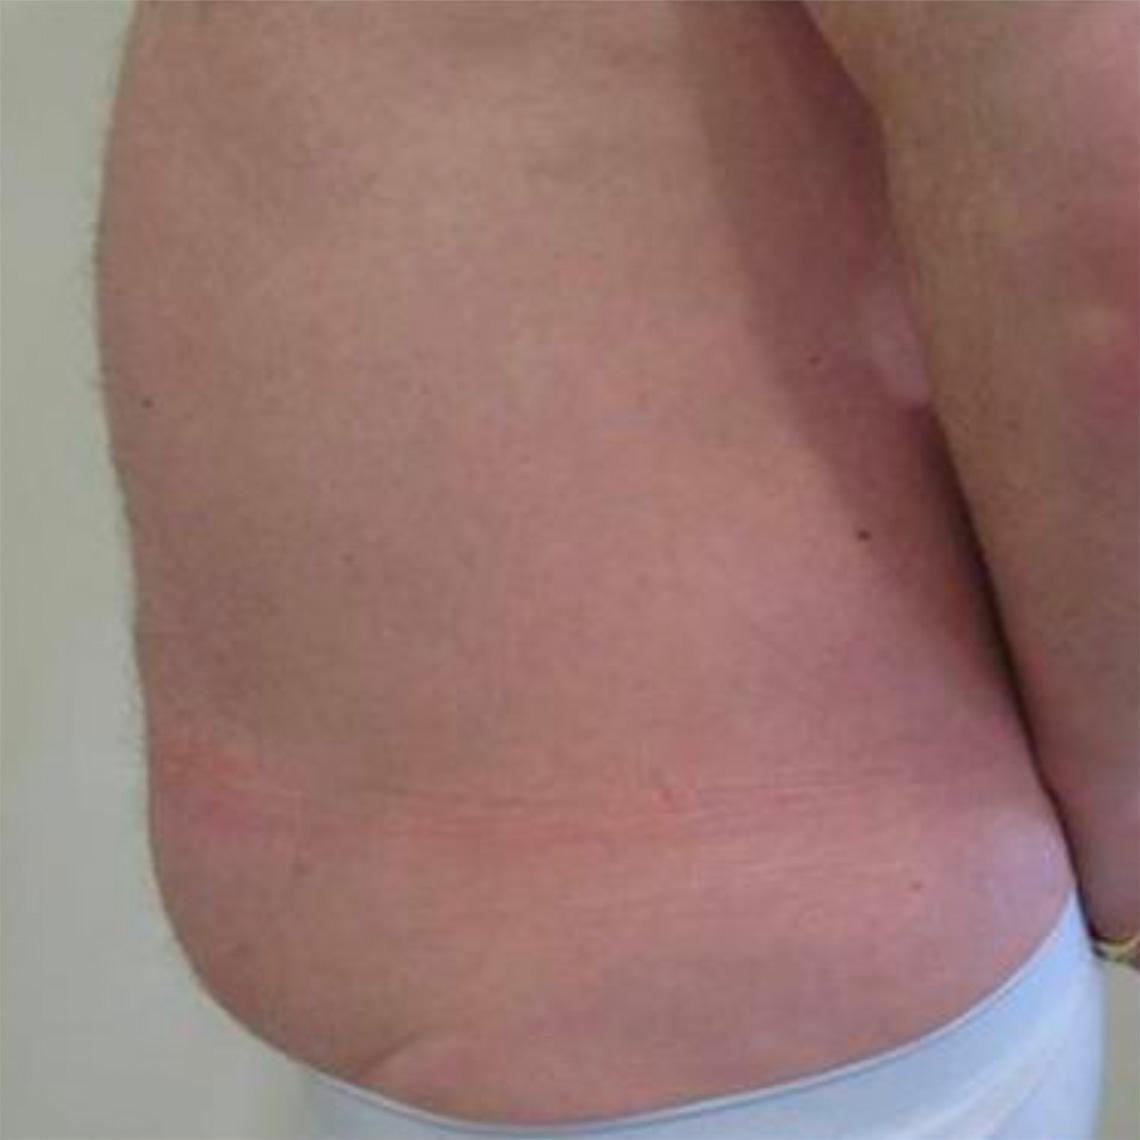 After-Männlich, 55 Jahre, 2 Behandlungen, 8 Wochen später